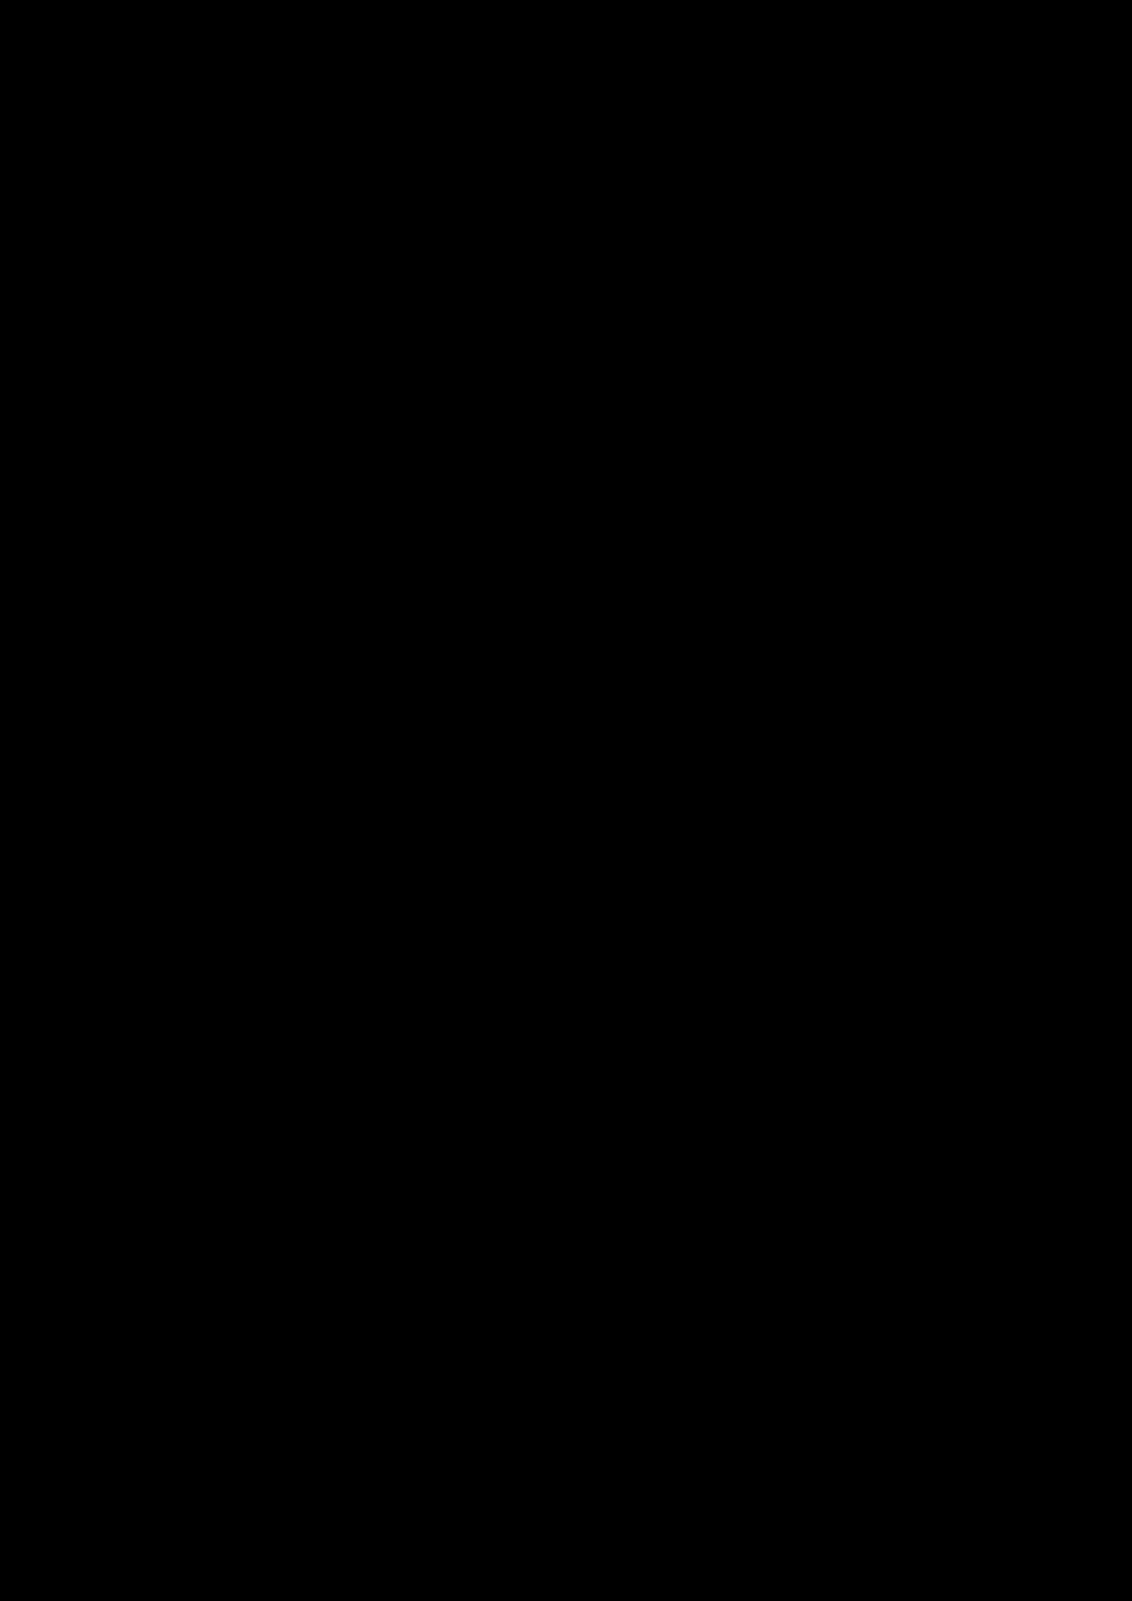 Zagadka volshebnoy stranyi slide, Image 11